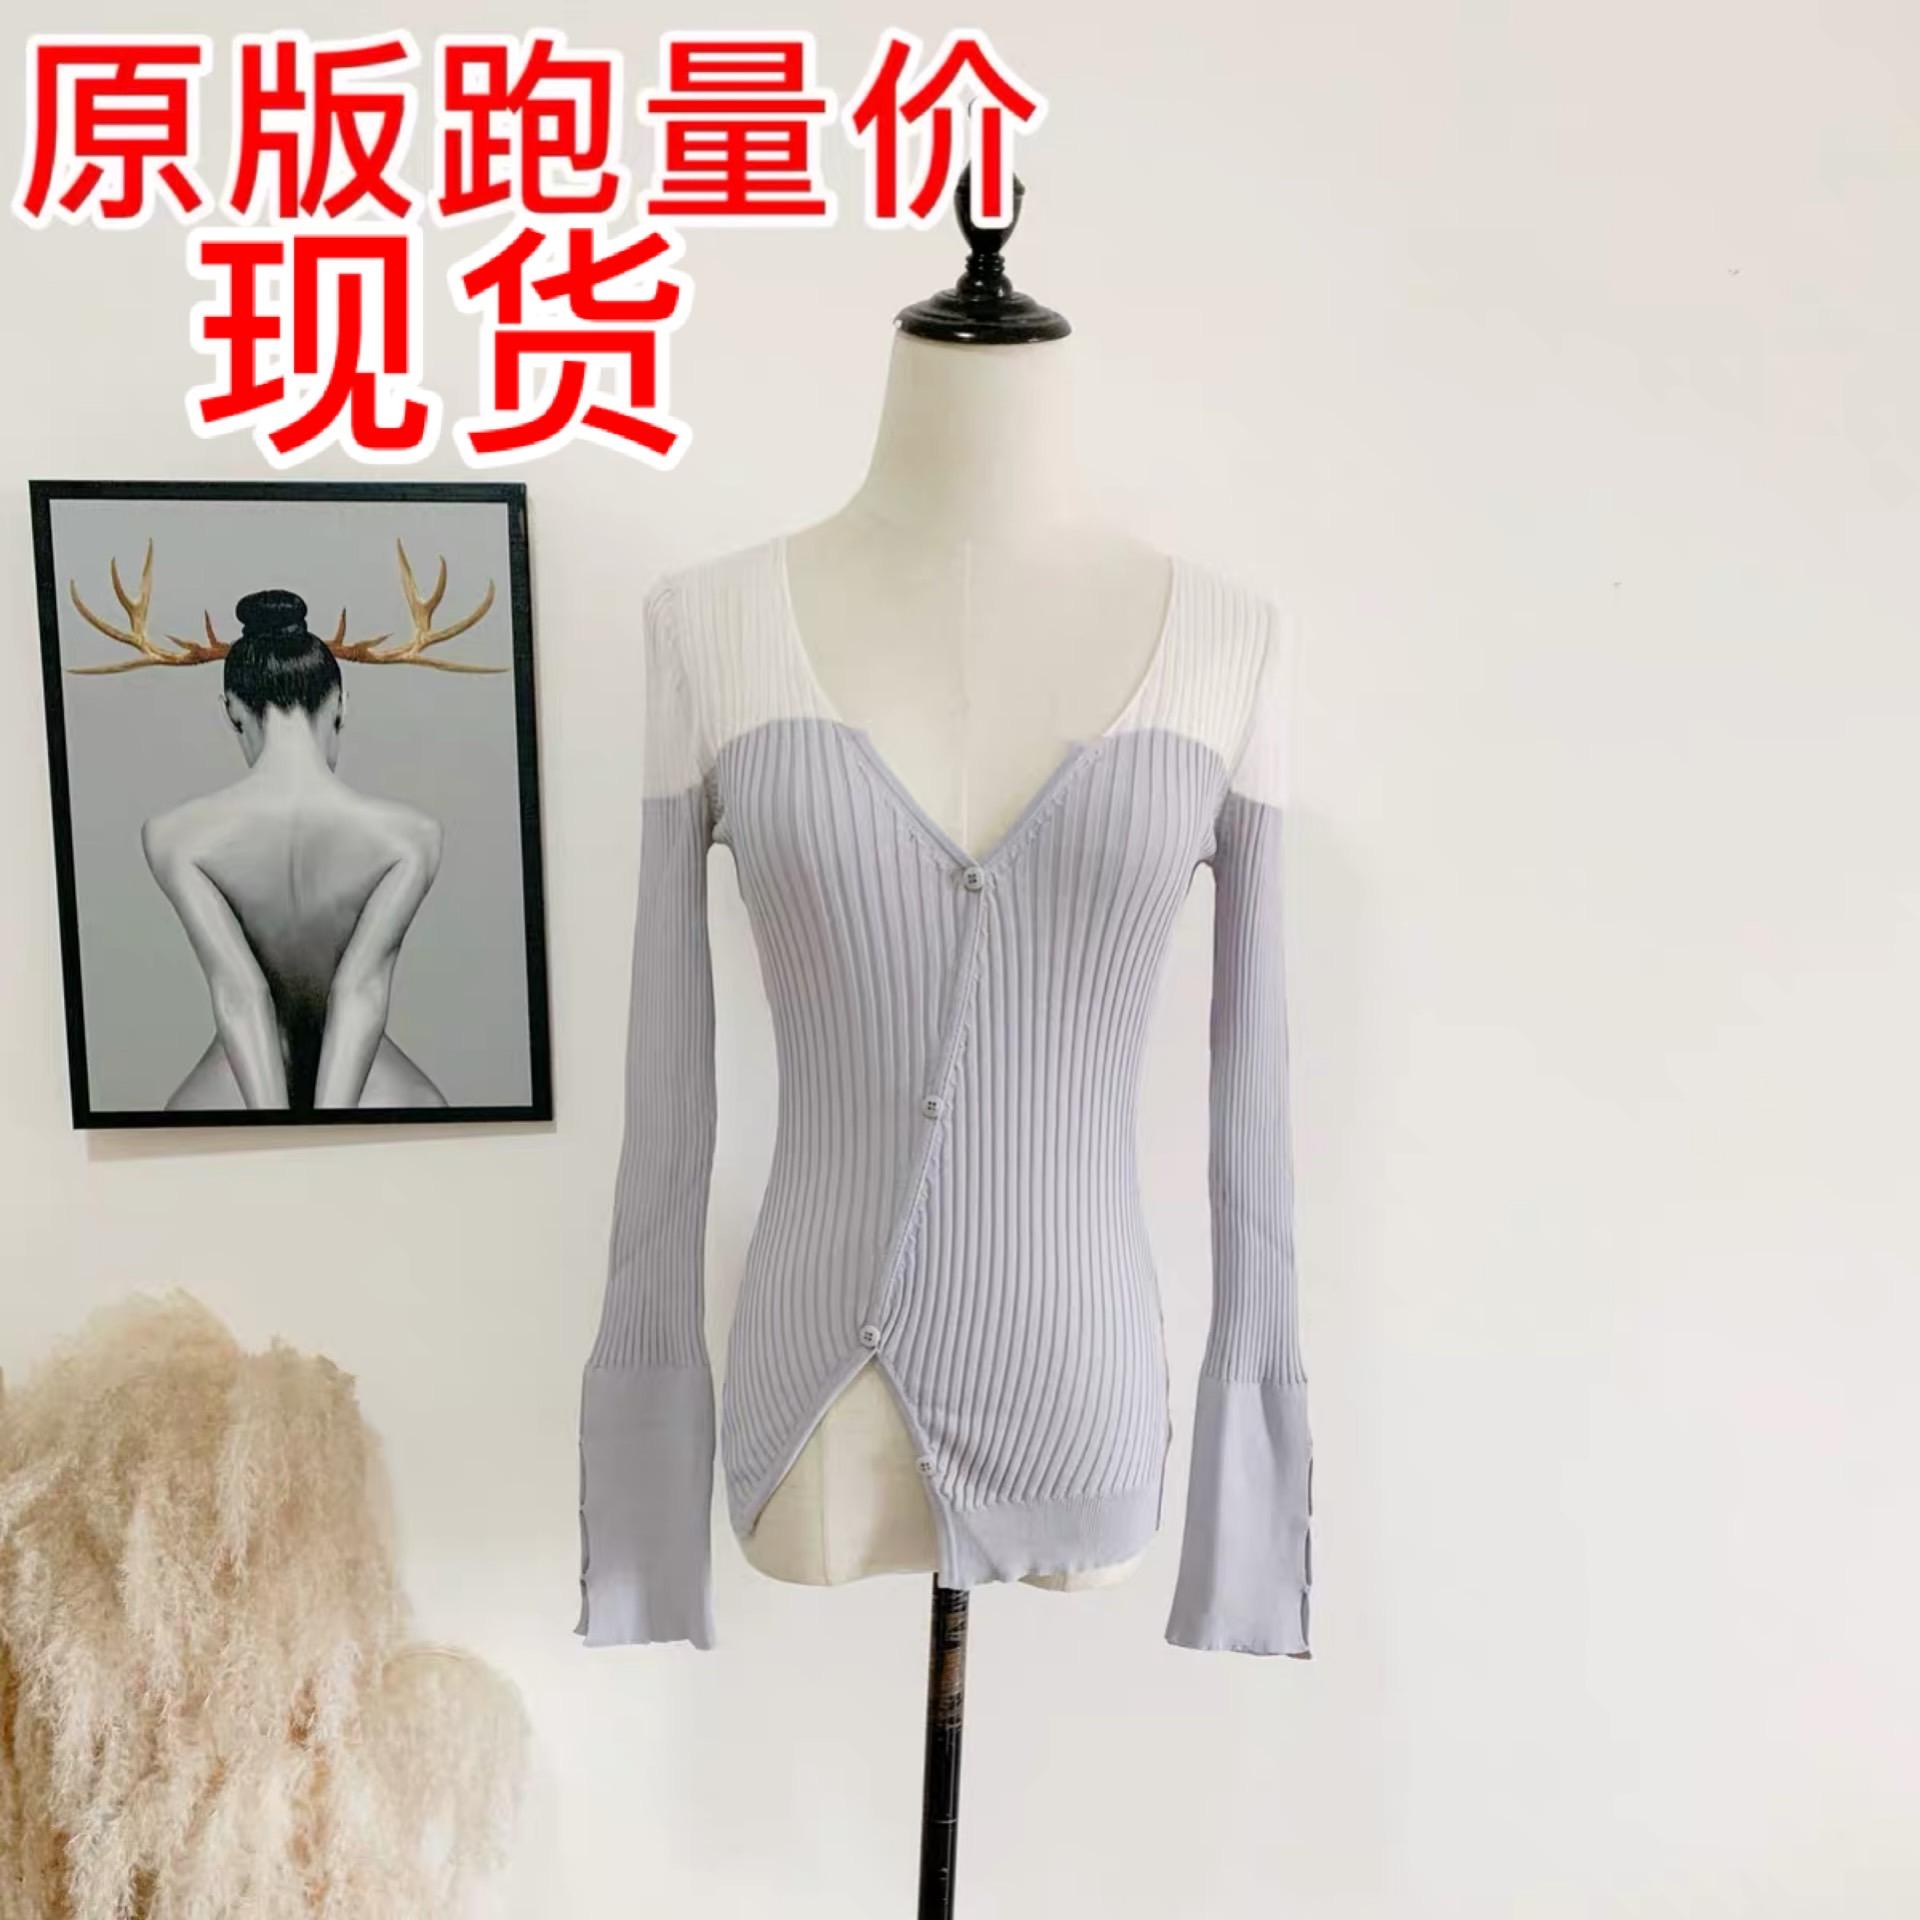 针织衫 Wuuus灰色条纹冰丝V领针织衫女2020年夏新款薄长袖开衫上衣外套_推荐淘宝好看的女针织衫